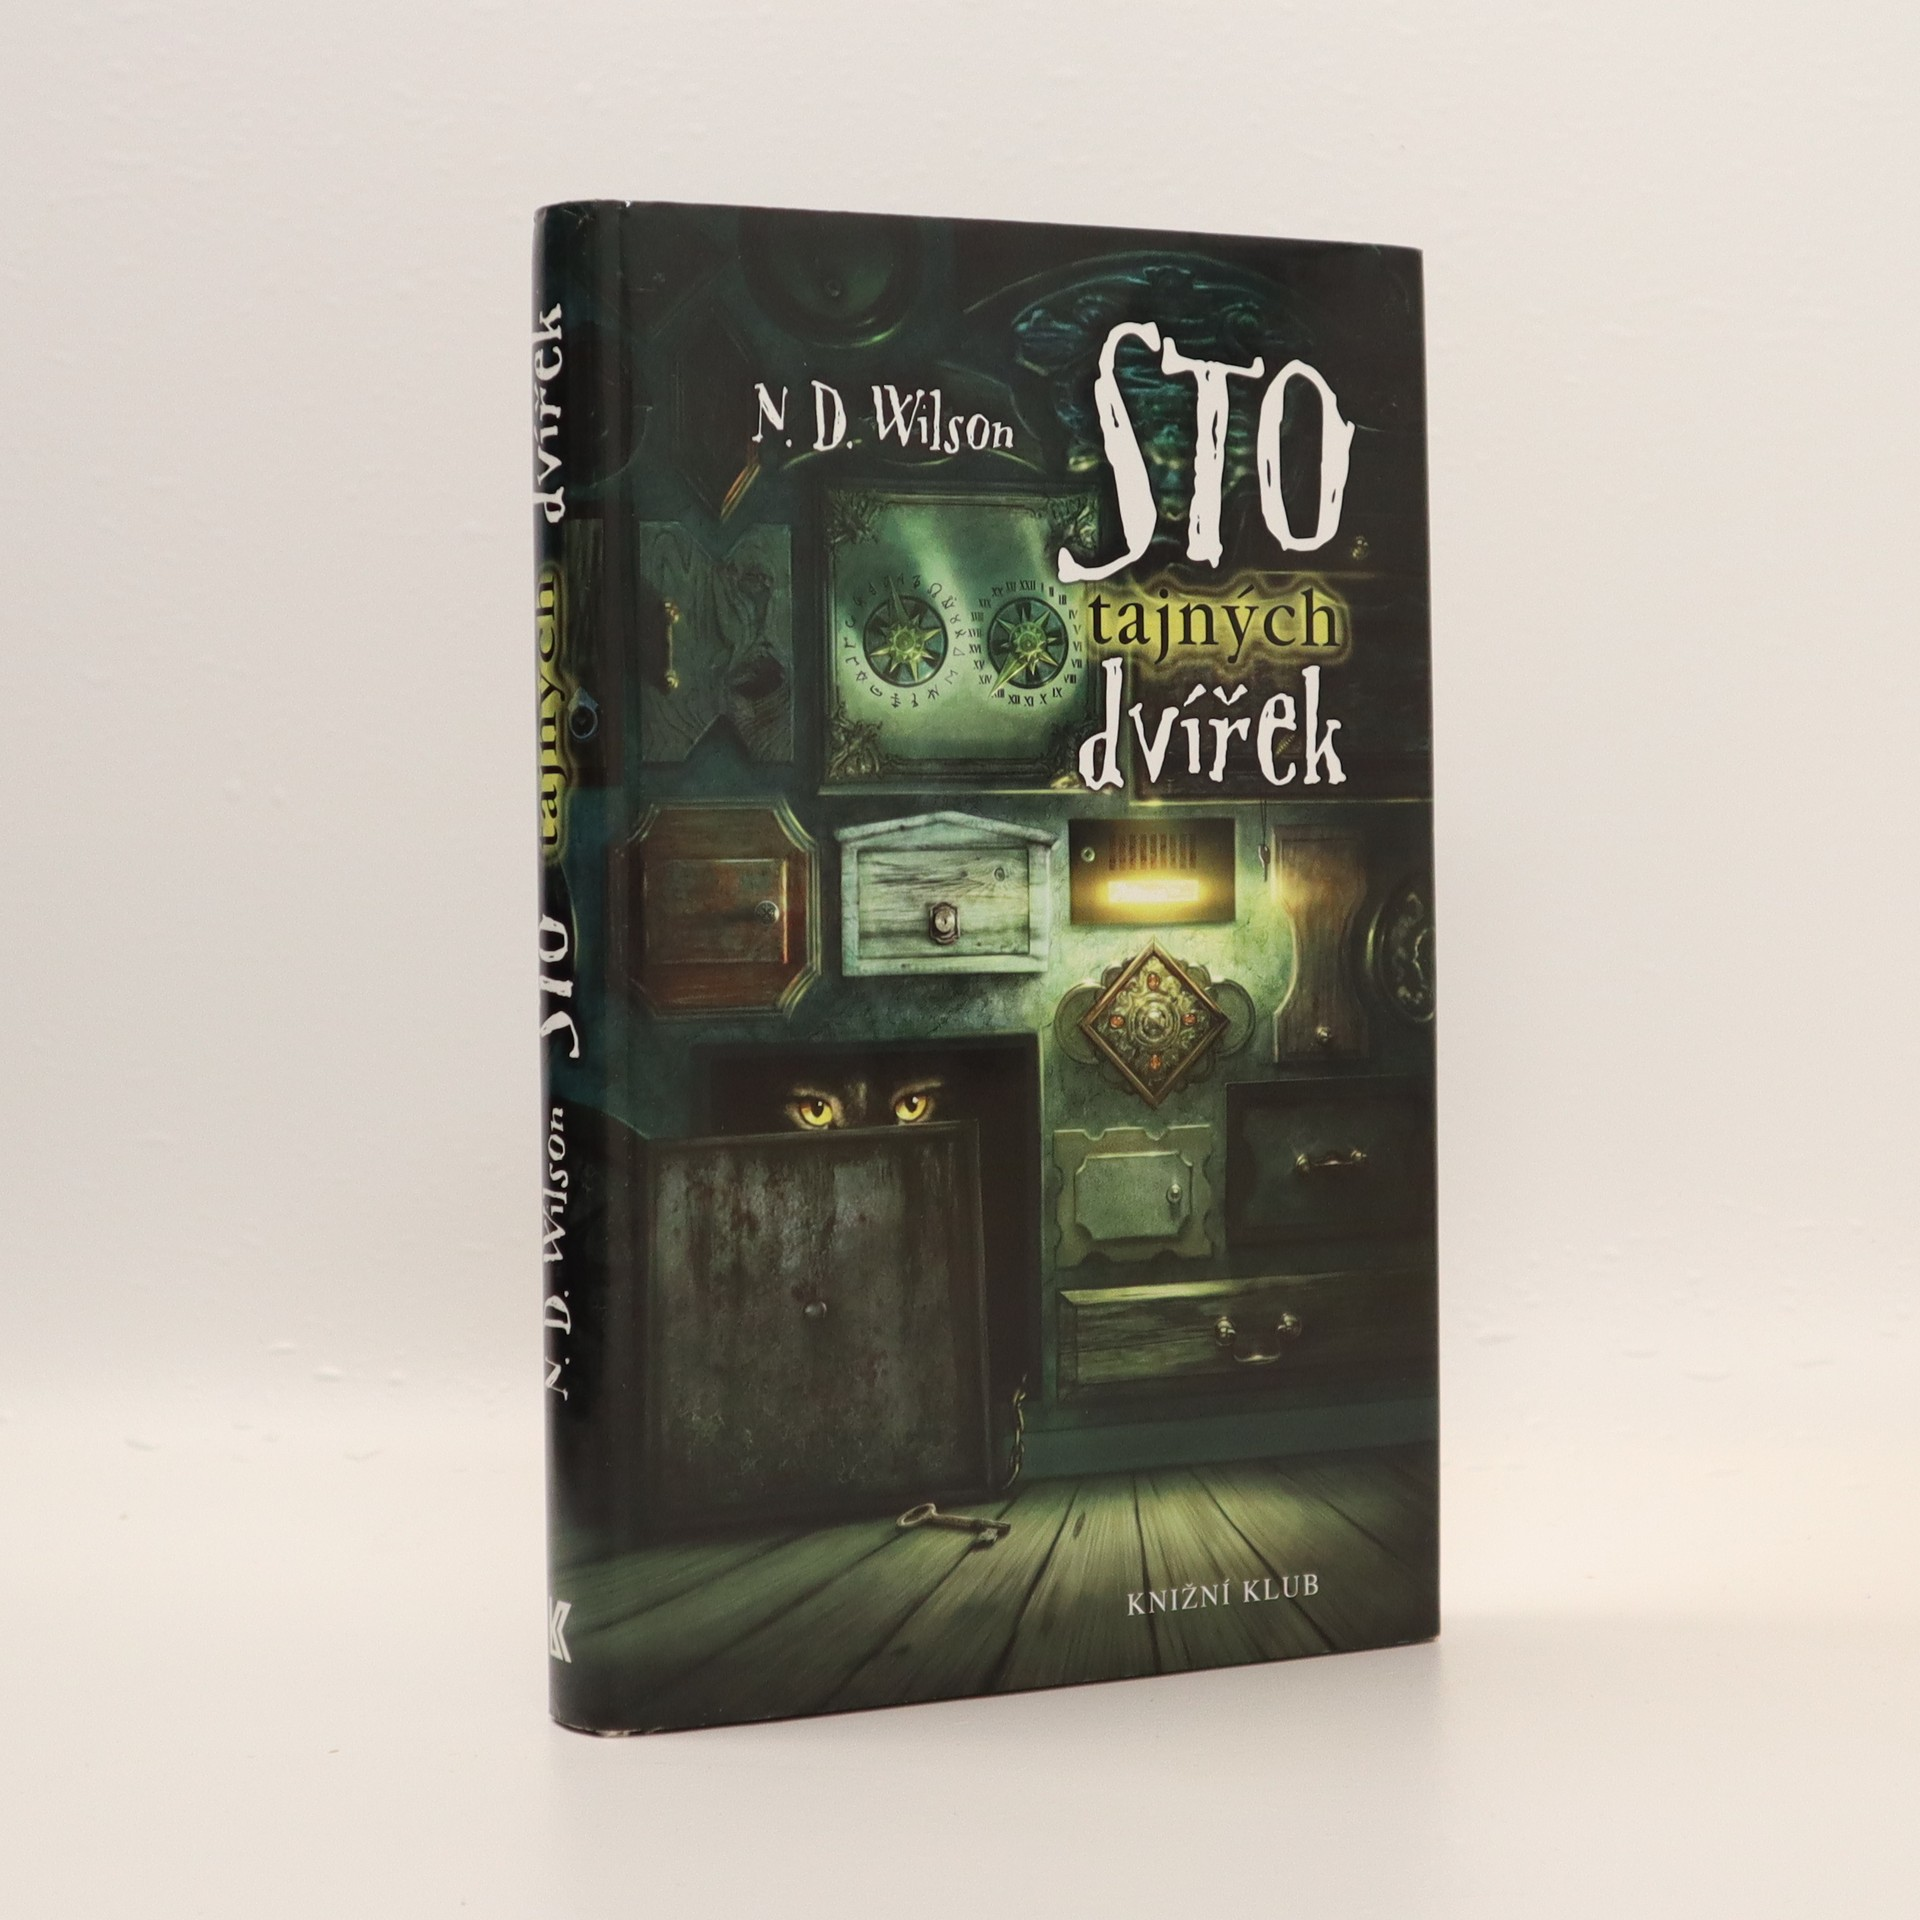 antikvární kniha Sto tajných dvířek, 2009